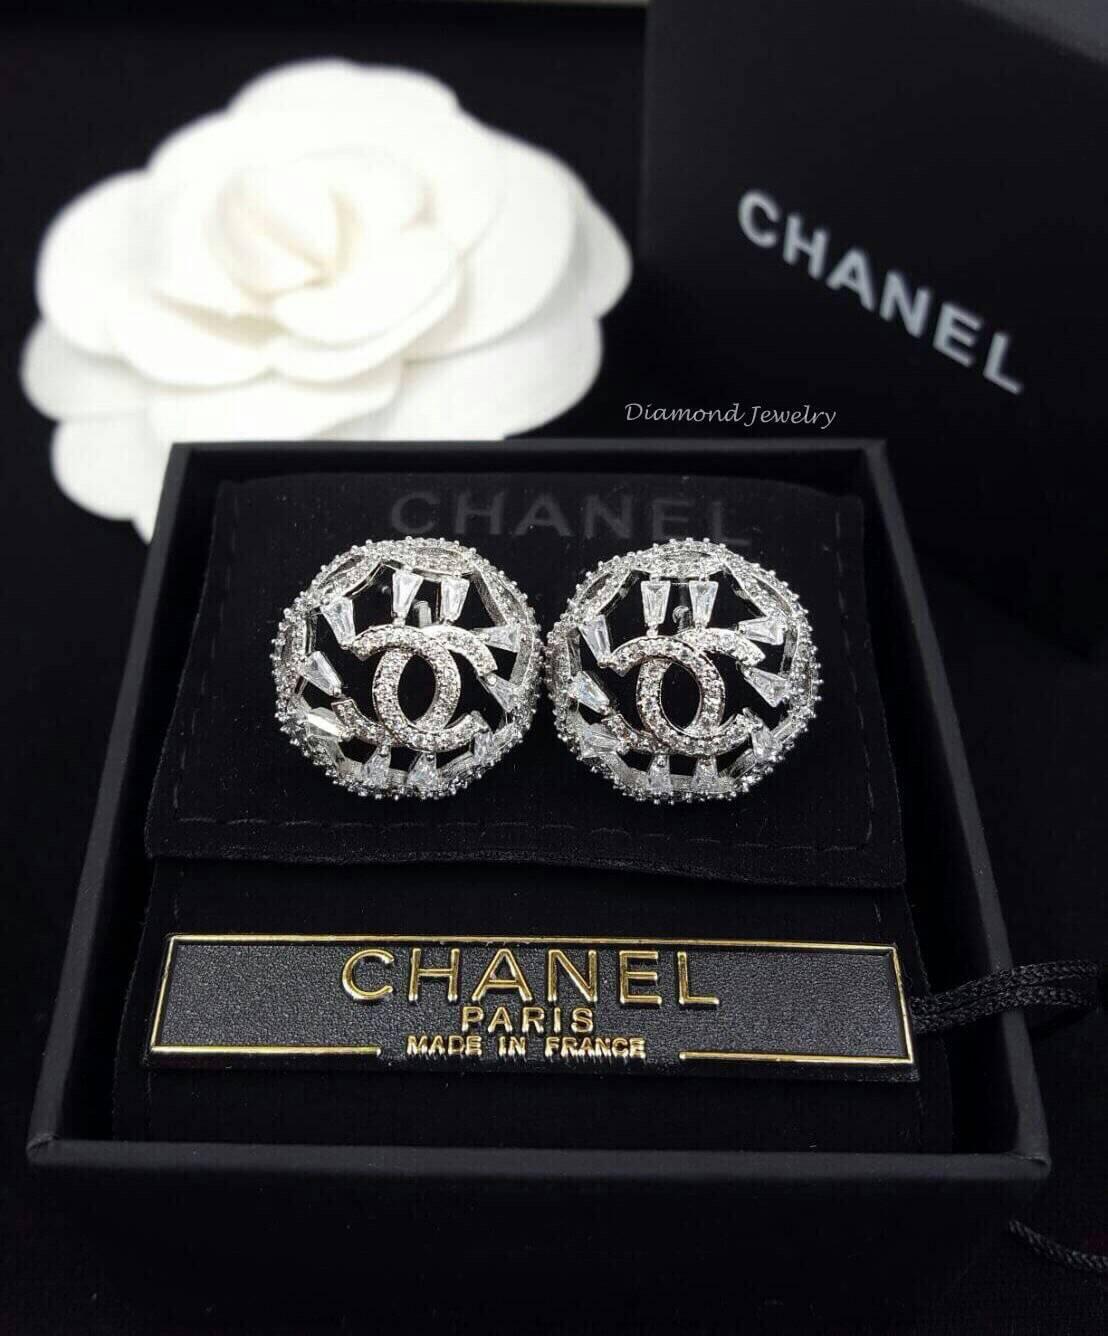 พร้อมส่ง Chanel Earring ต่างหูชาแนลงานเพชร CZ แท้ เพชรเกรด 6A